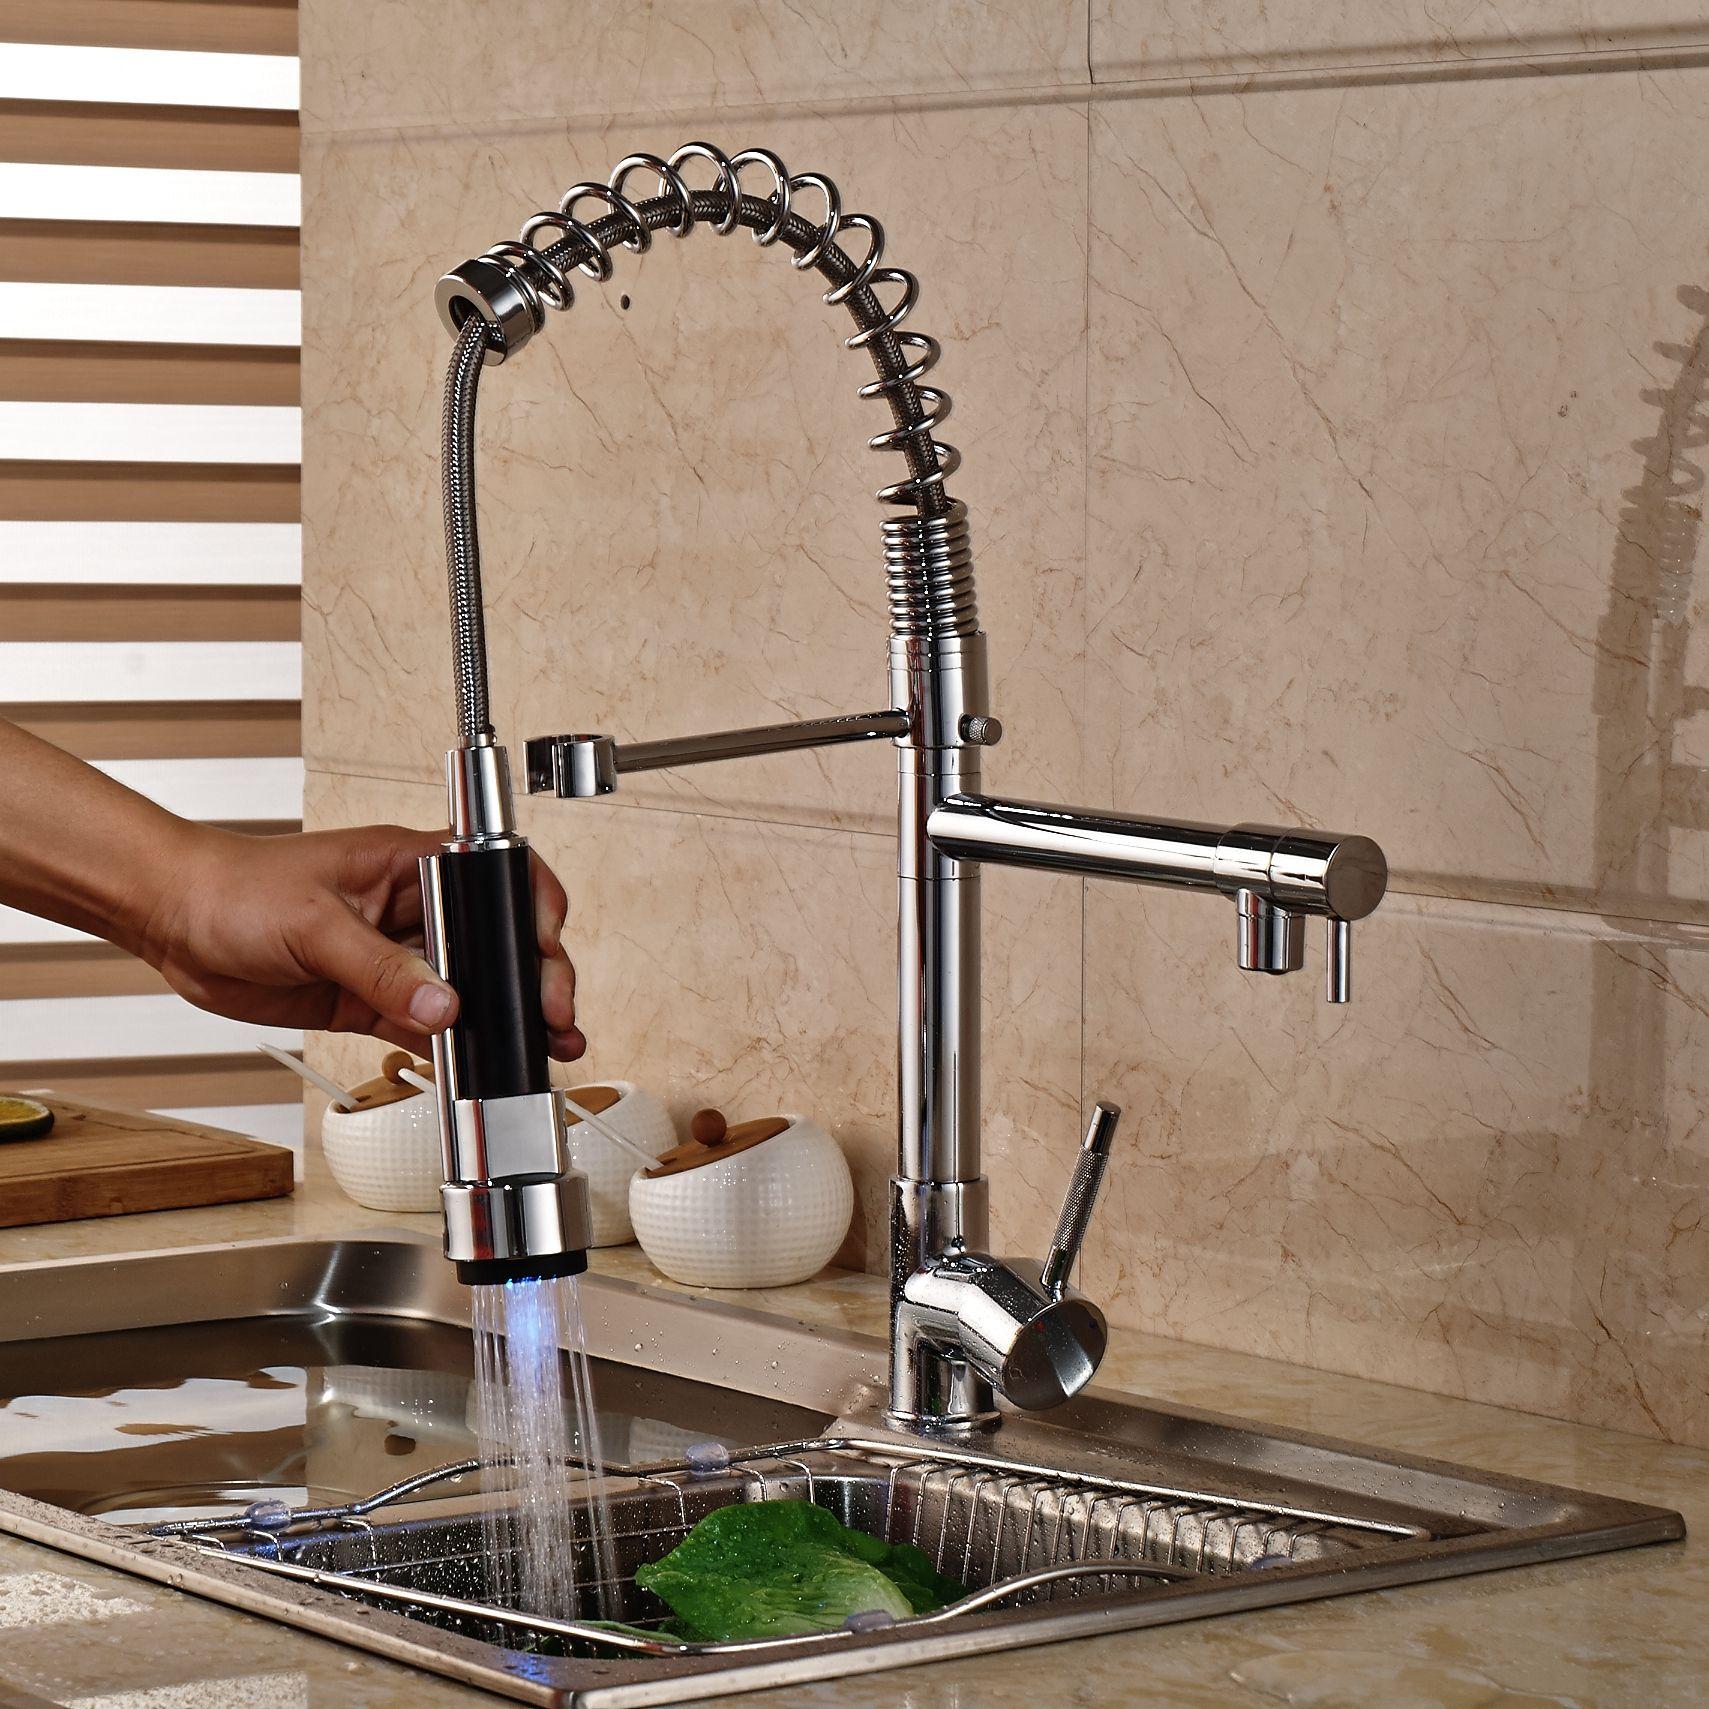 Venta caliente de lujo de latón cromado lavabo del baño grifo vanidad del fregadero mezclador grifo doble pulverizador sola manija